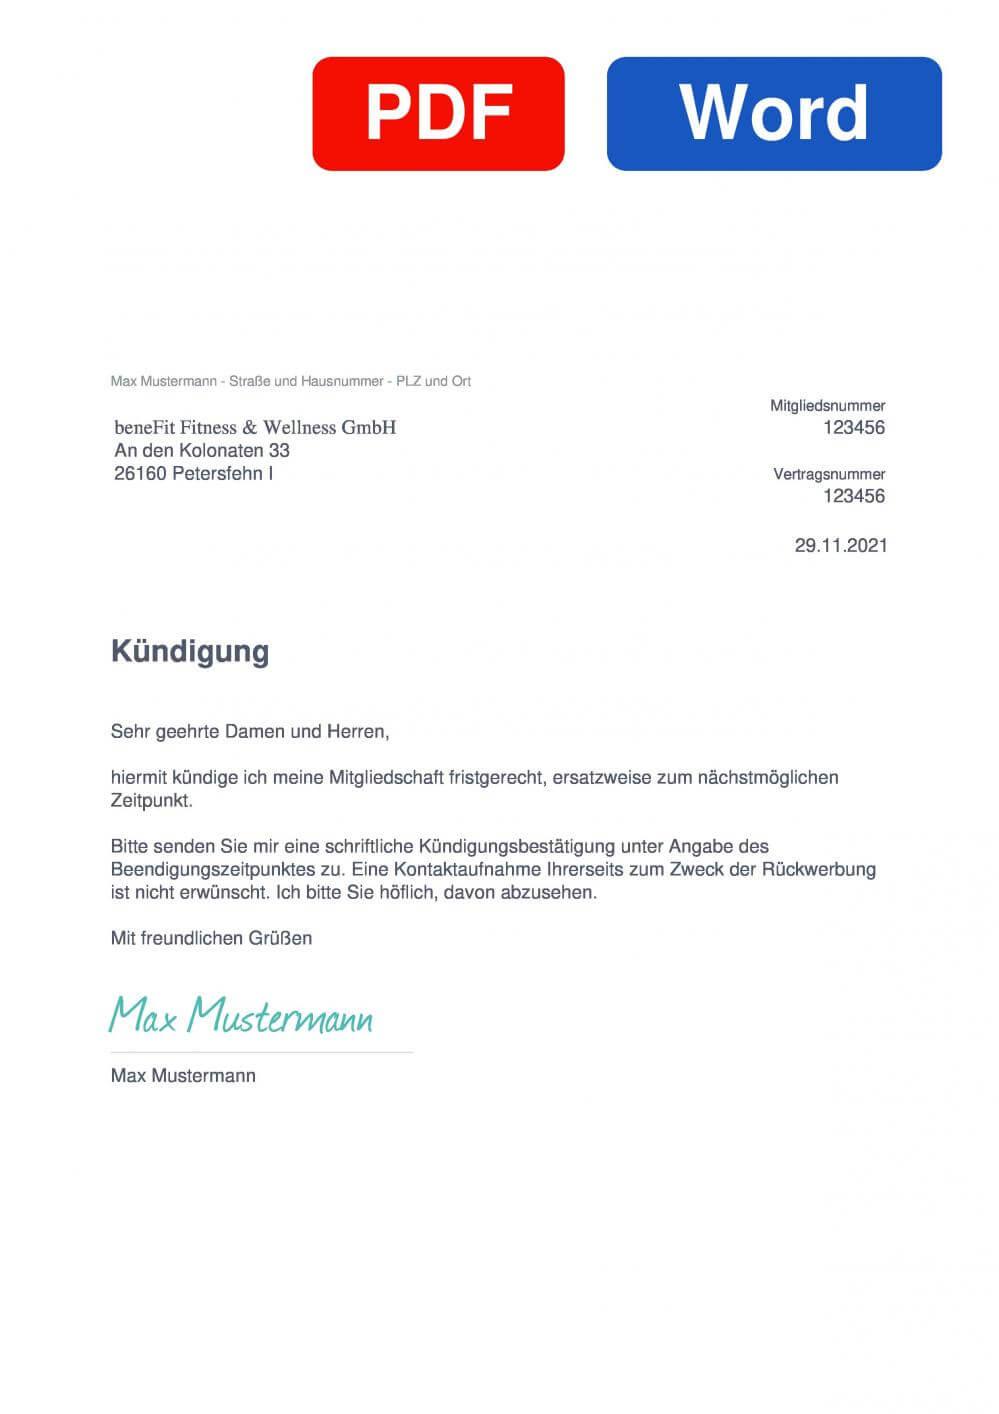 beneFit Hannover Muster Vorlage für Kündigungsschreiben